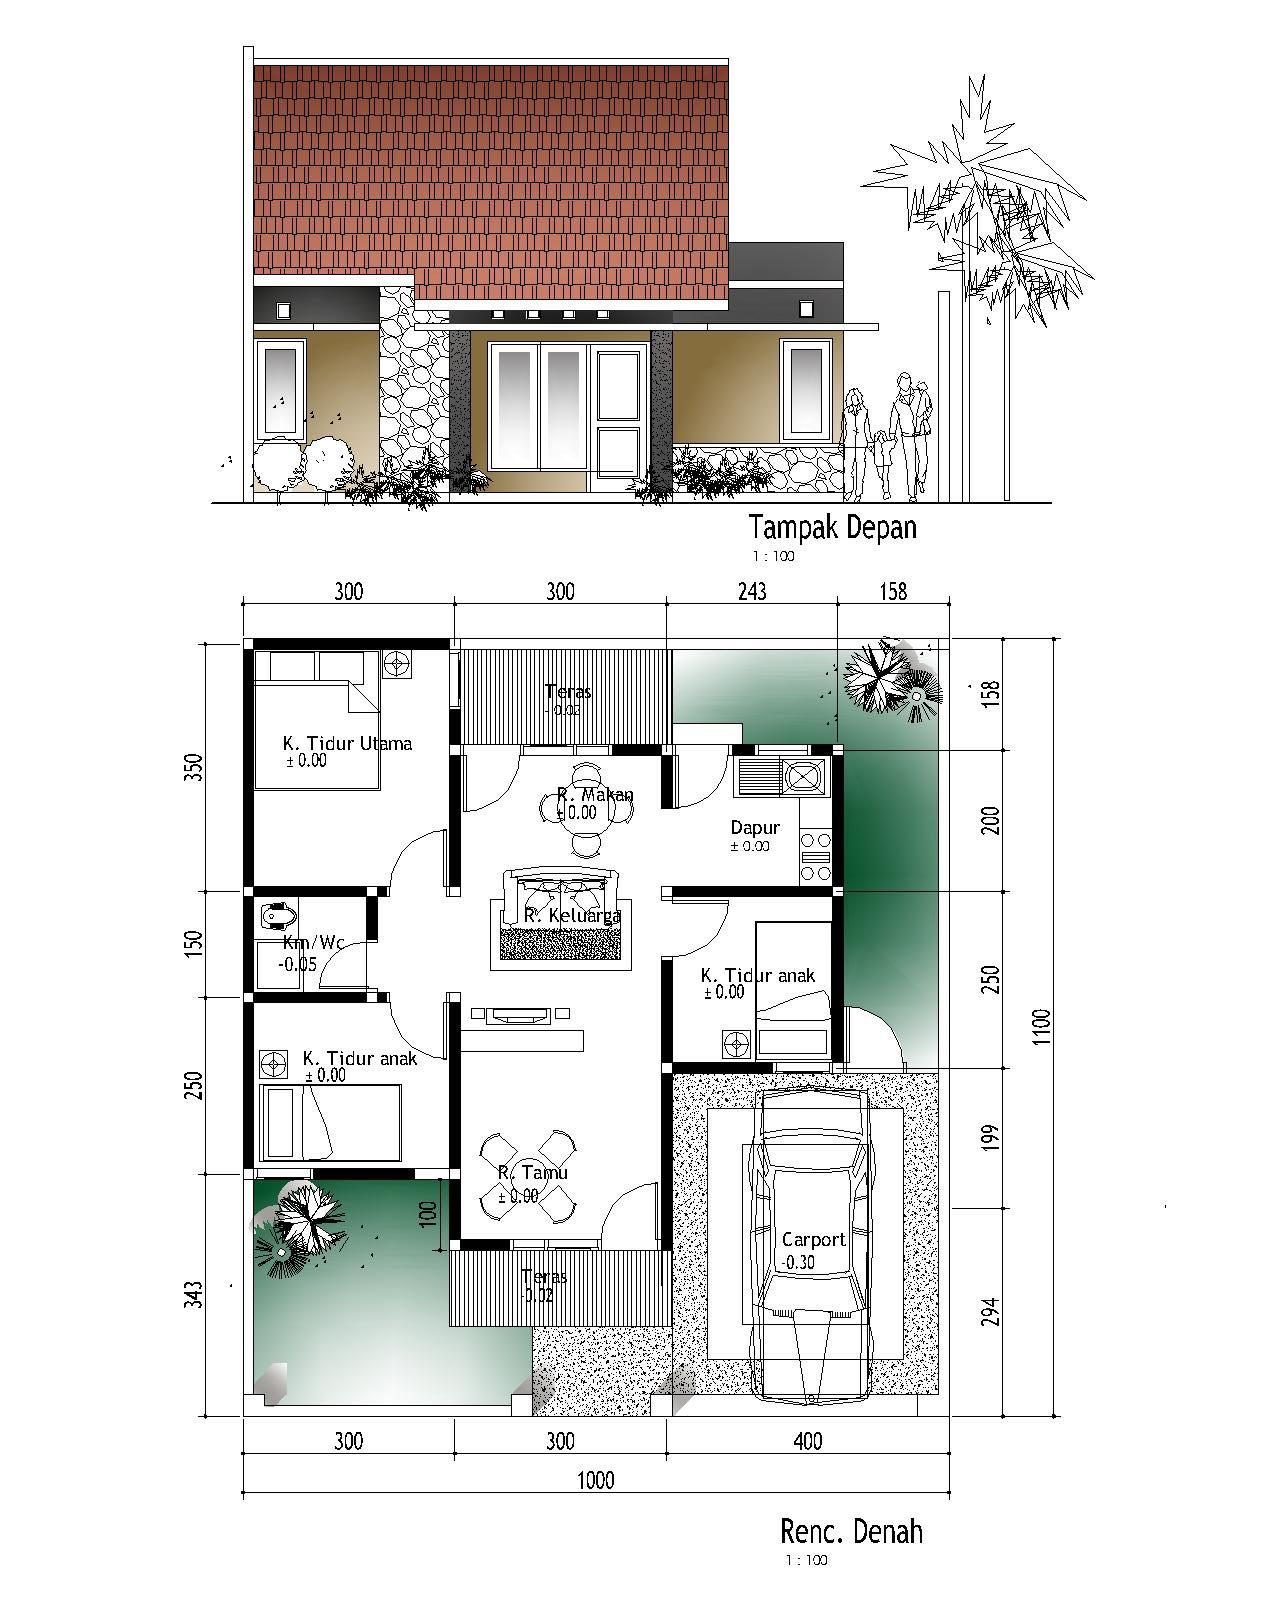 Desain Rumah Minimalis 3 Kamar Blog Rumah Minimalisku